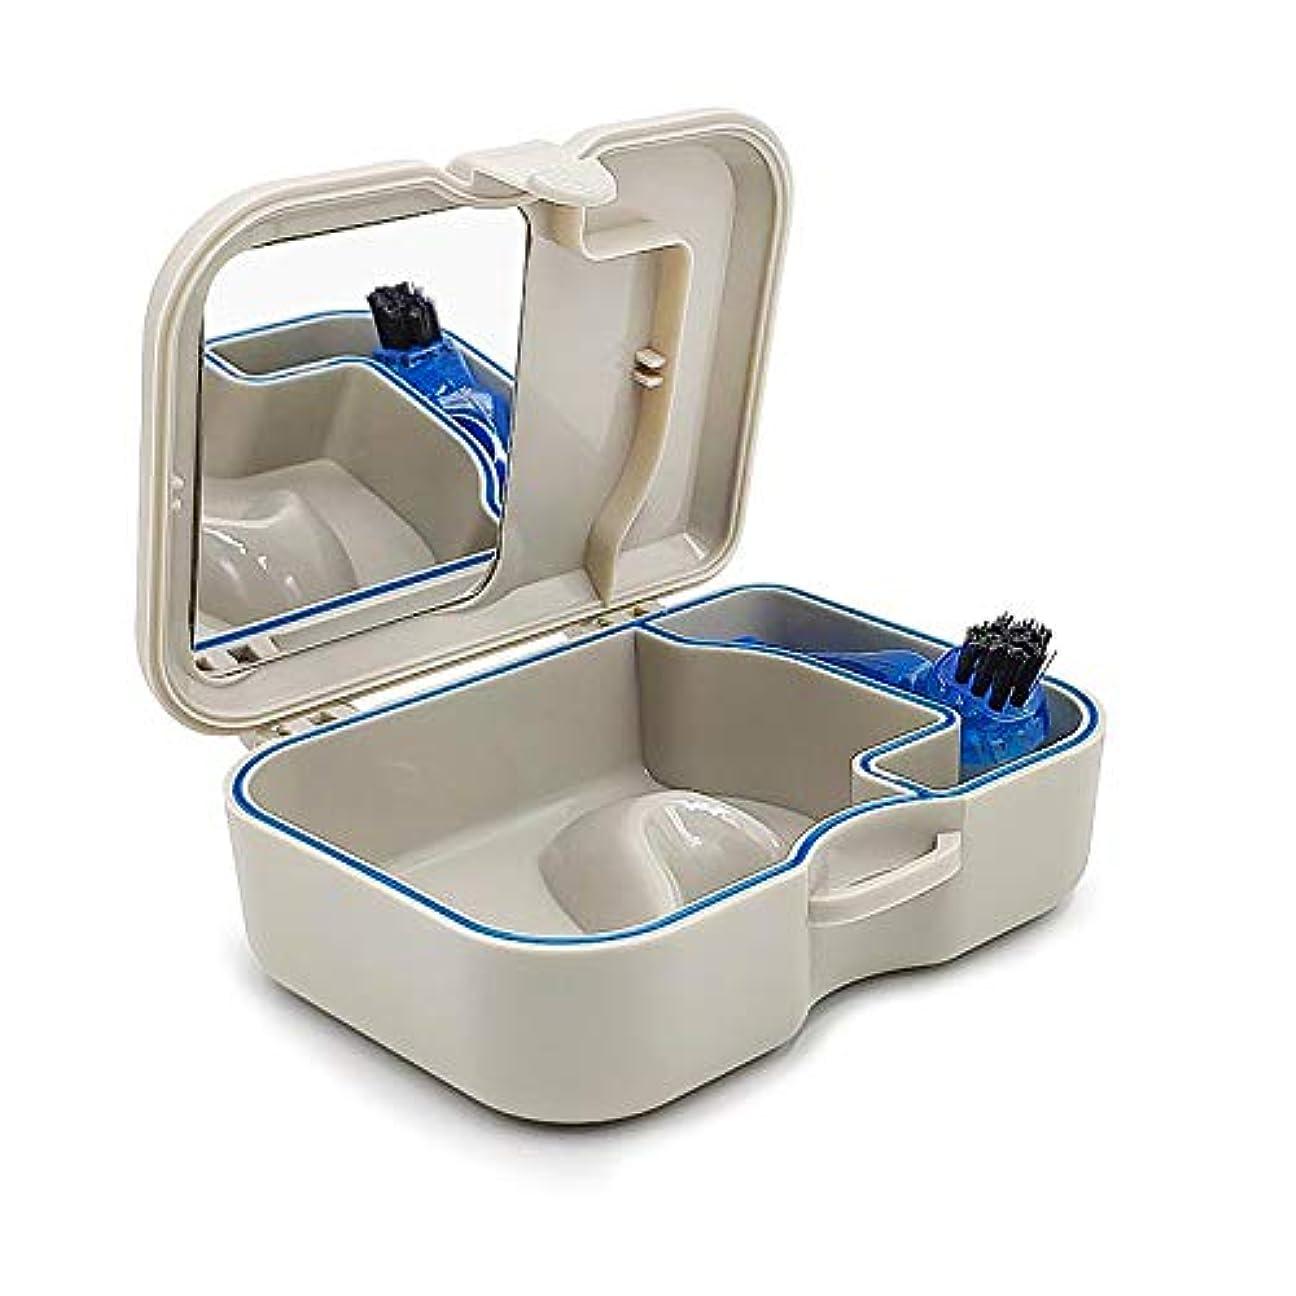 誰でもエンゲージメントどこかYLX義歯ボックス ミラー ブラシ付 入れ歯ケース入れ歯収納 義歯ボックス 義歯収納容器 リテーナーボックス 旅行用 携帯用 ポータブル 防水 ハードボックス(入れ歯ケース+小型鏡+小型義歯ブラシ)